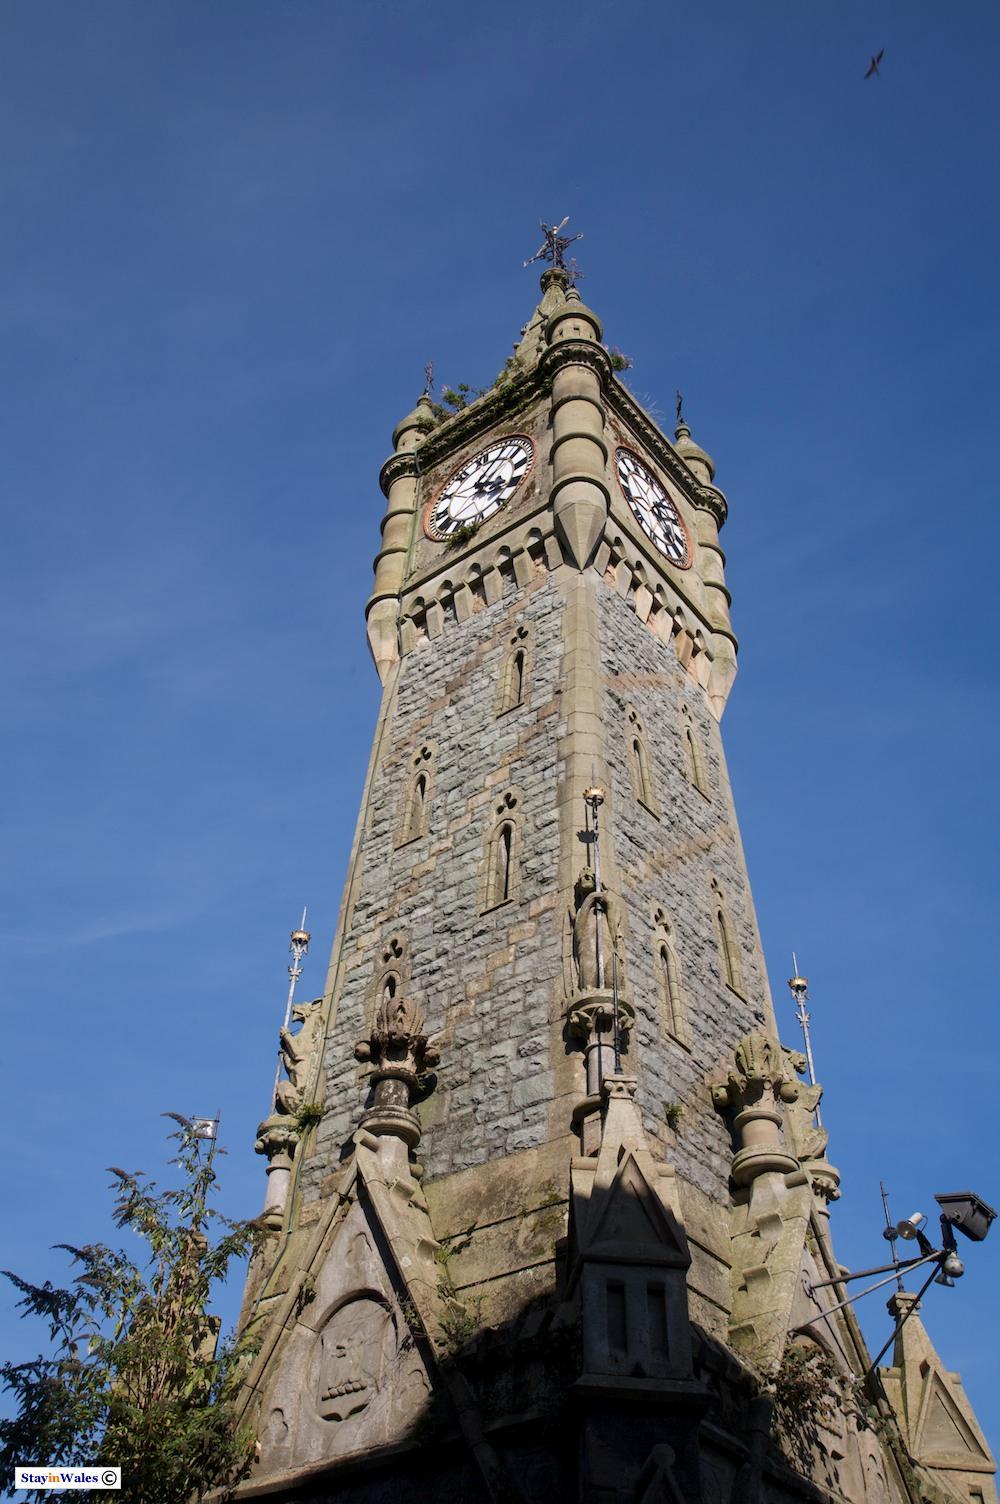 Castlereagh Memorial